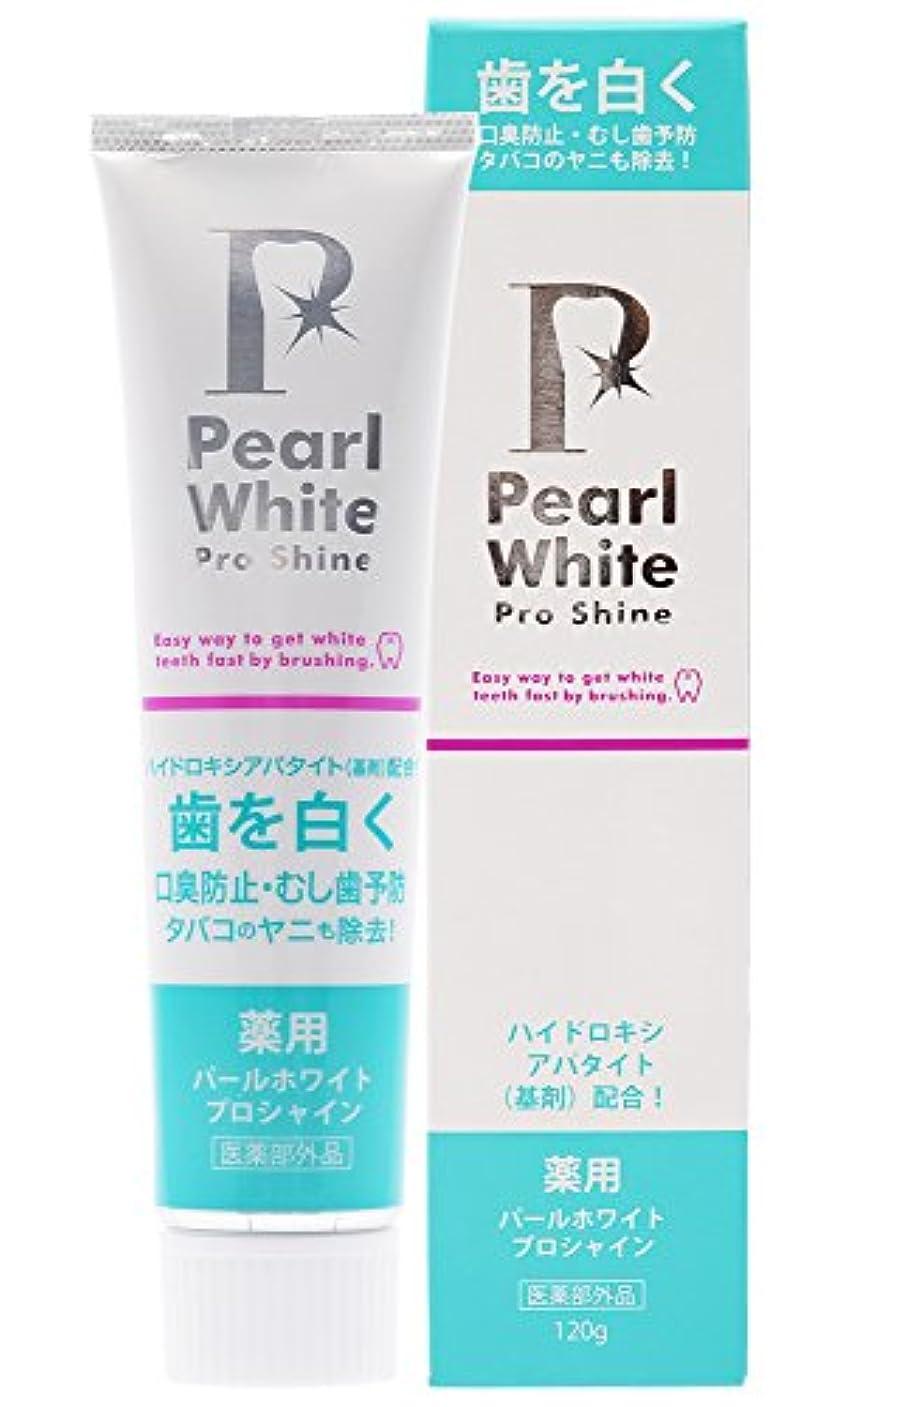 貞緊張サーフィン薬用Pearl white Pro Shine 120g [医薬部外品]